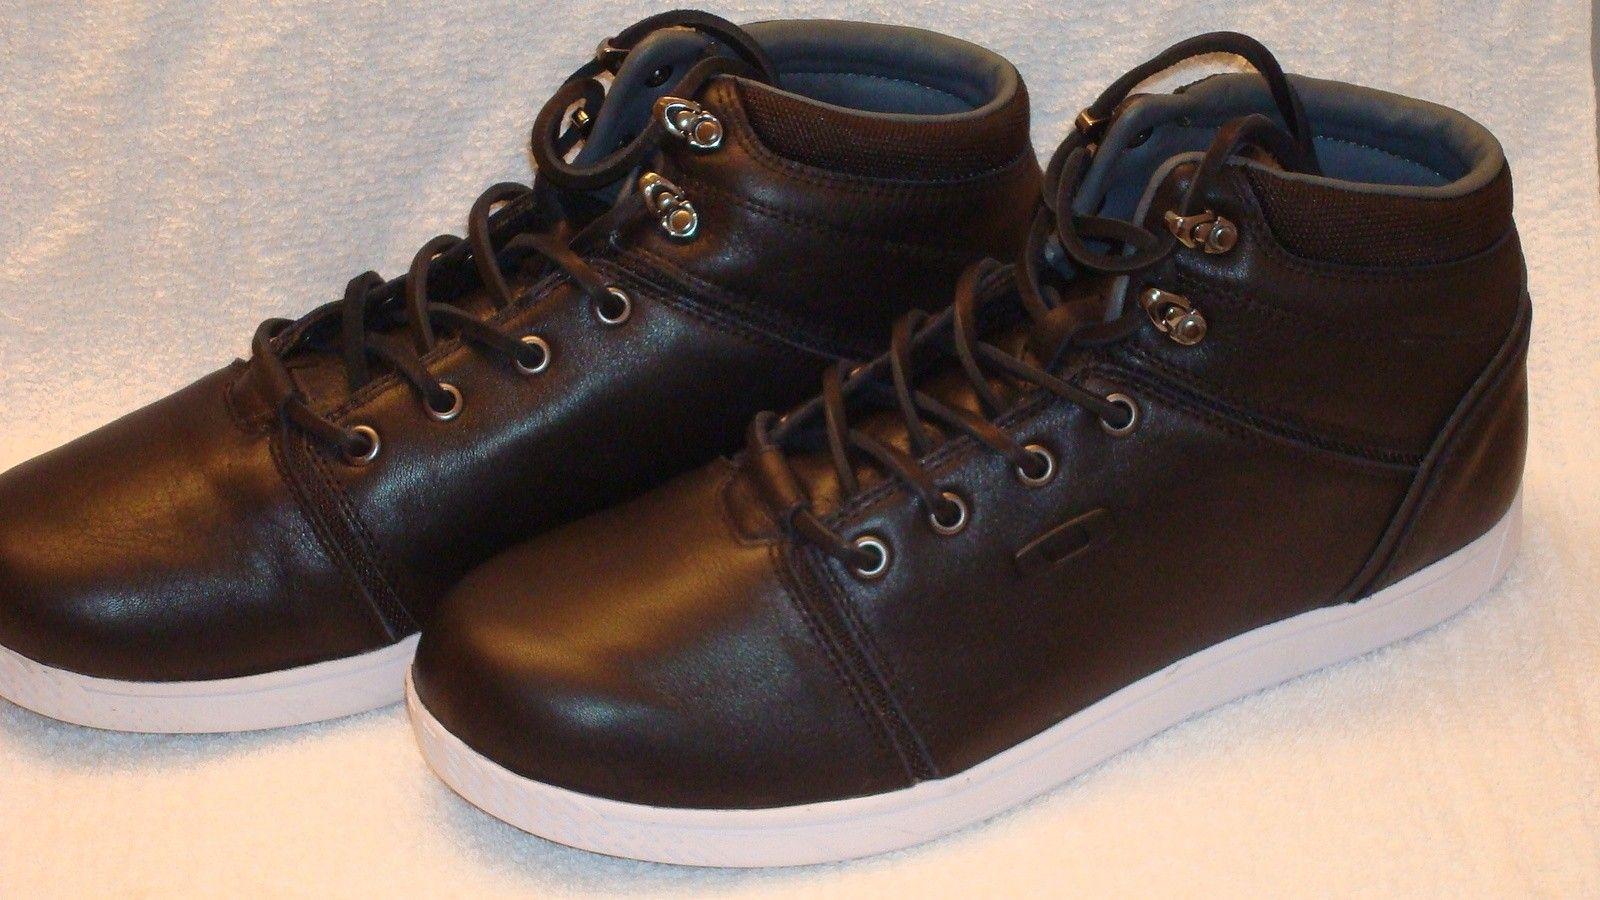 2 pairs of unreleased prototype Oakley shoes size 9 - DSC00500.JPG